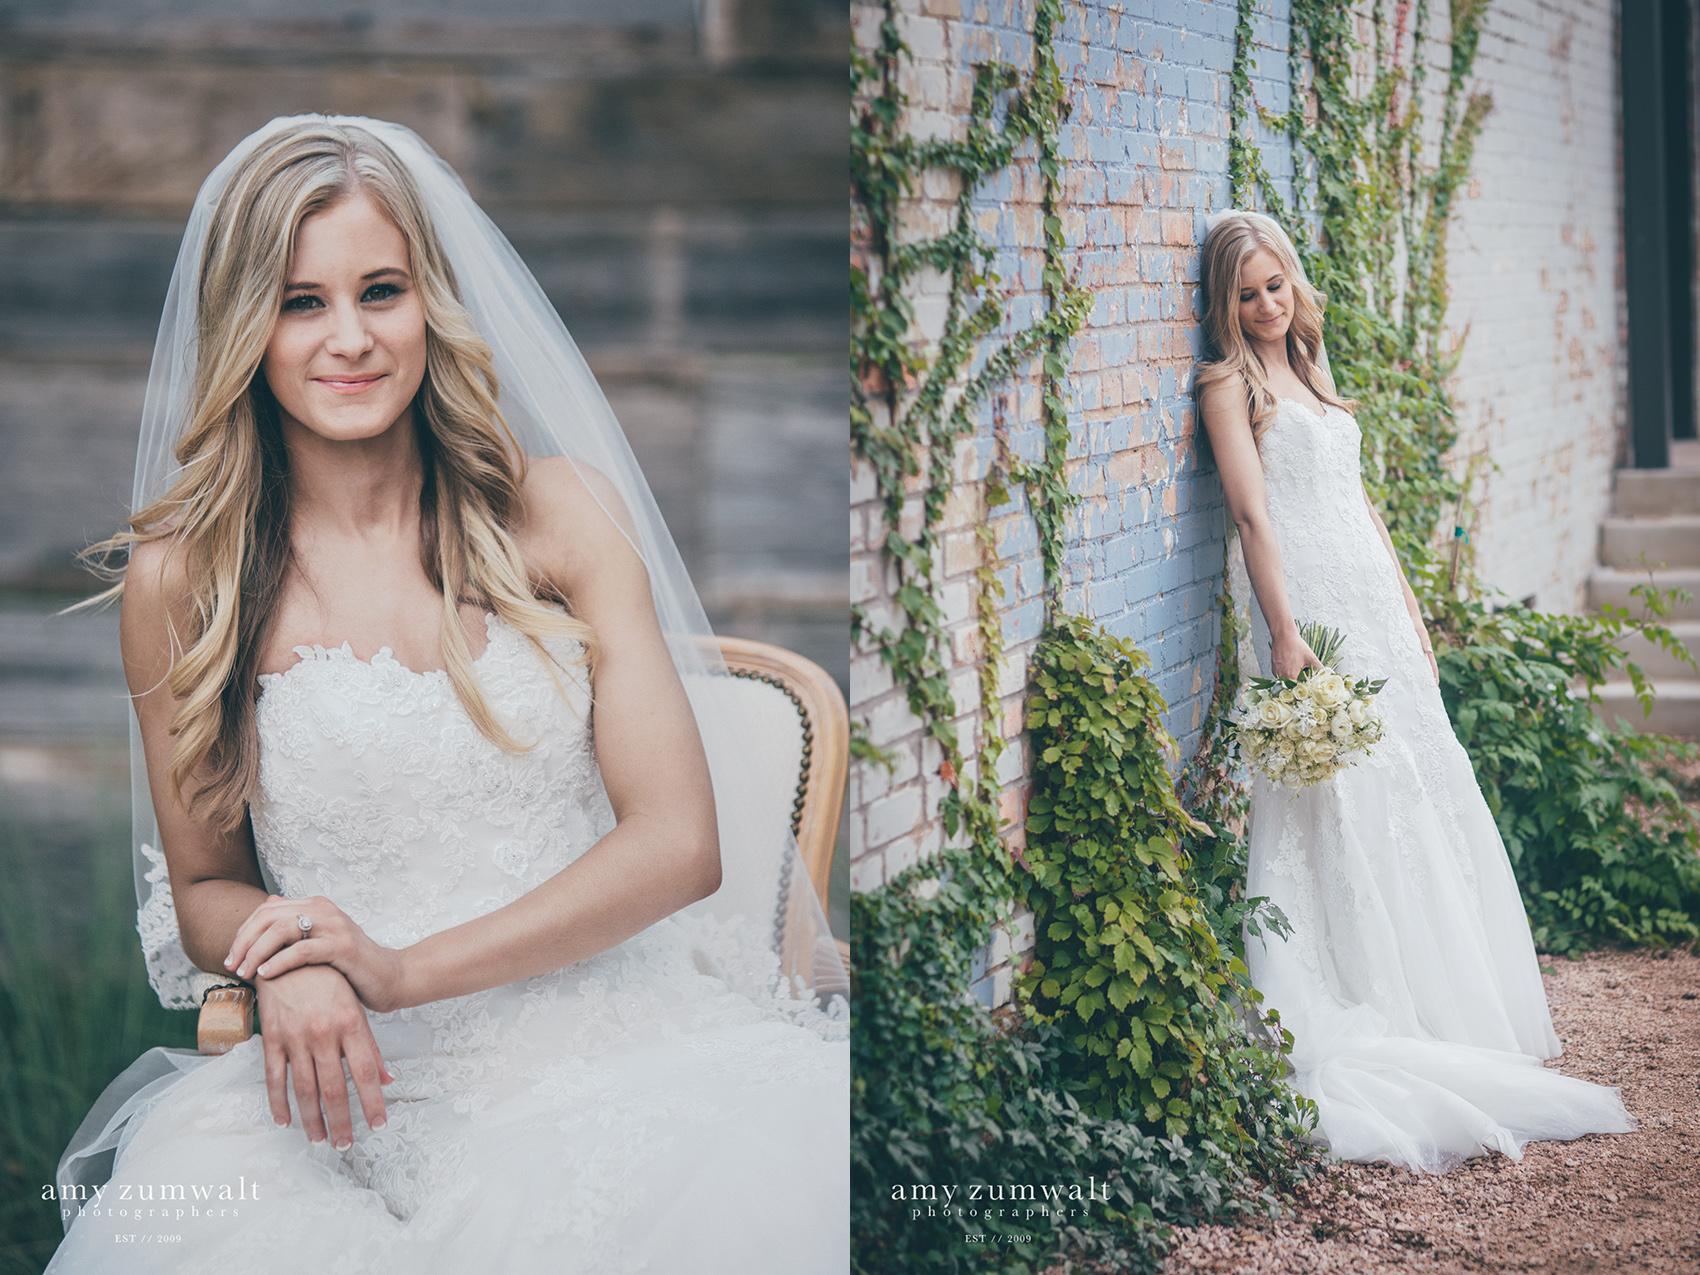 bridal-session-brik-venue-photography-5-copy